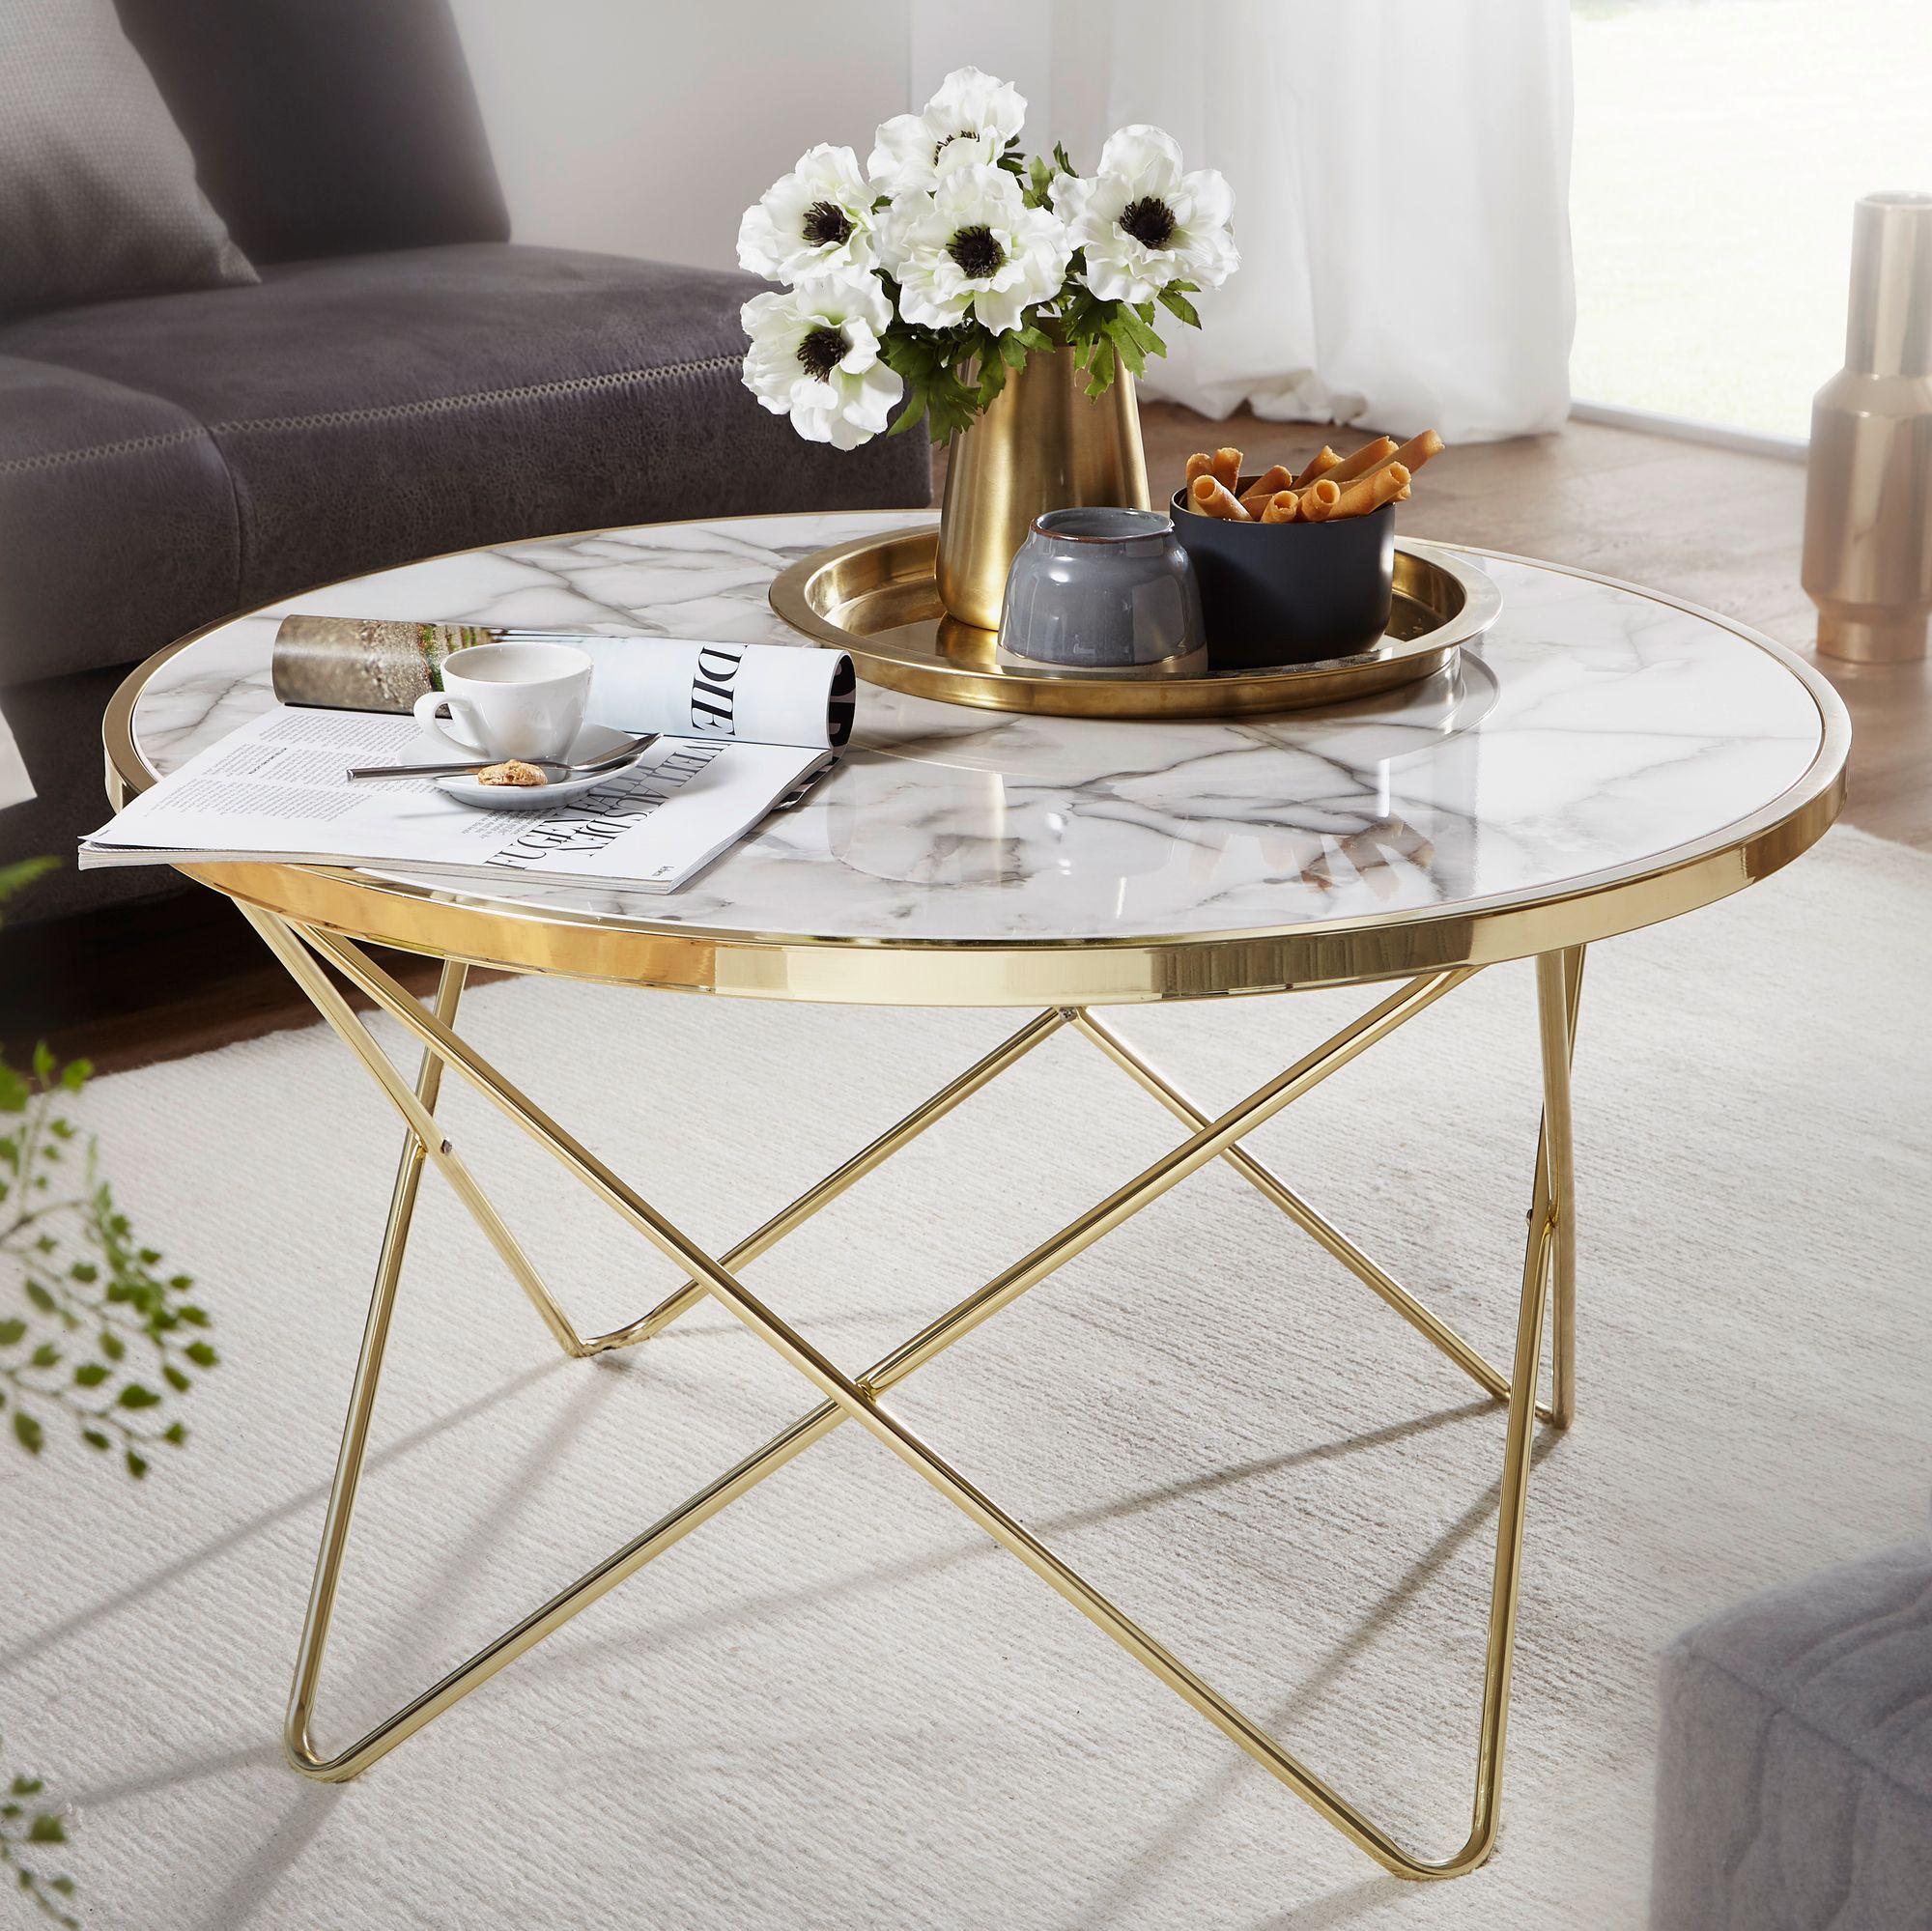 Wohnling Design Couchtisch Marmor Optik Weiss Rund O 85 Cm Gold Metall Gestell